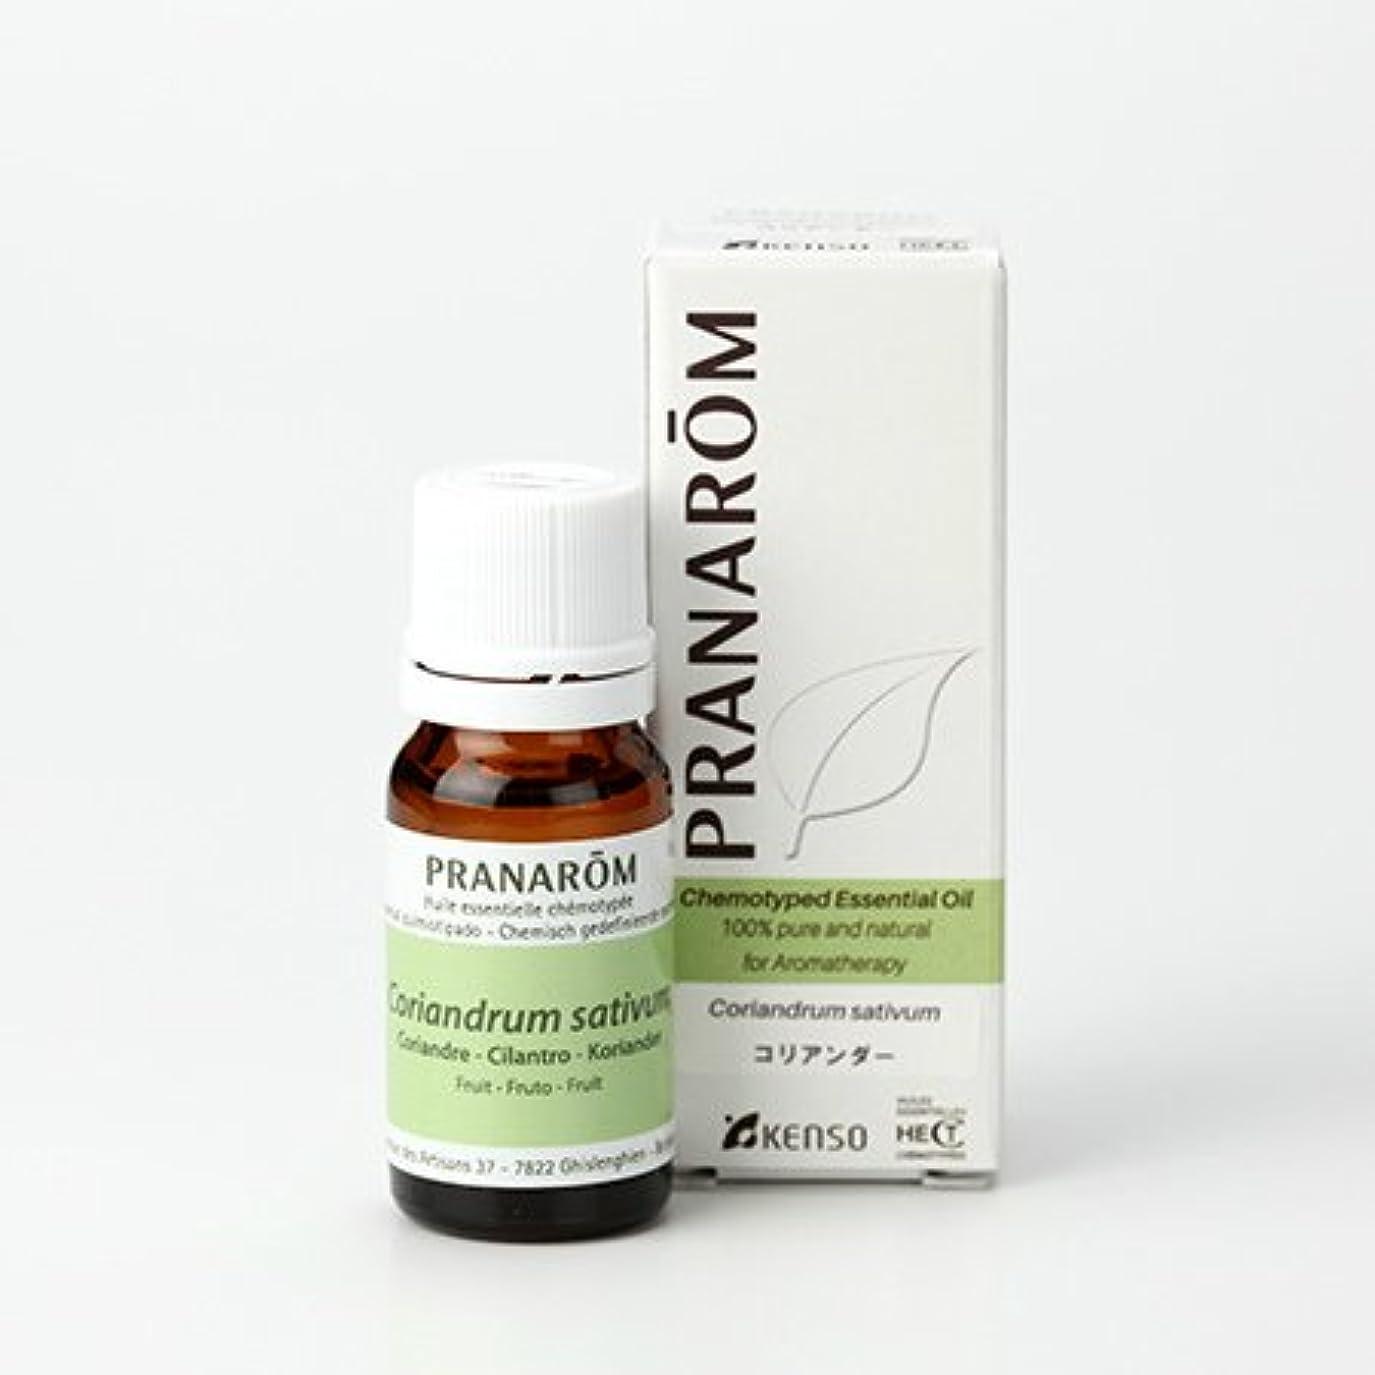 クリープネクタイ一般的にプラナロム コリアンダー 10ml (PRANAROM ケモタイプ精油)